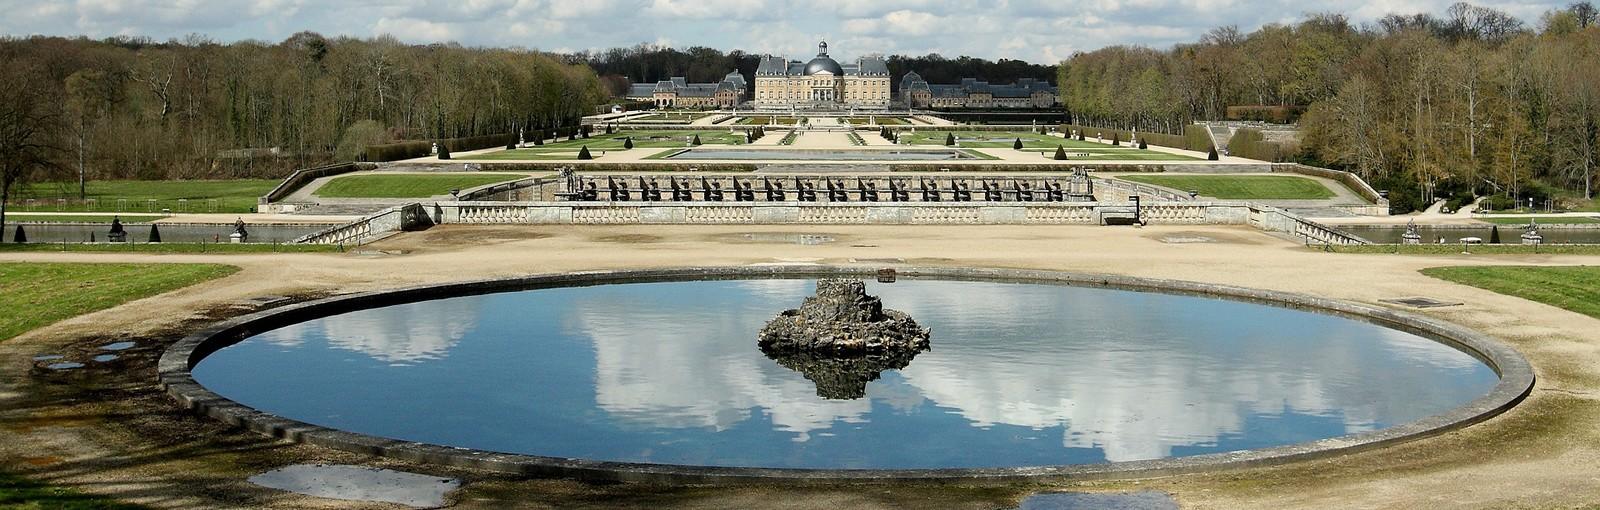 Tours Châteaux, Forêts, villages et Animaux sauvages - Paris & Ile-de-France - Nos Séjours et Circuits Privés